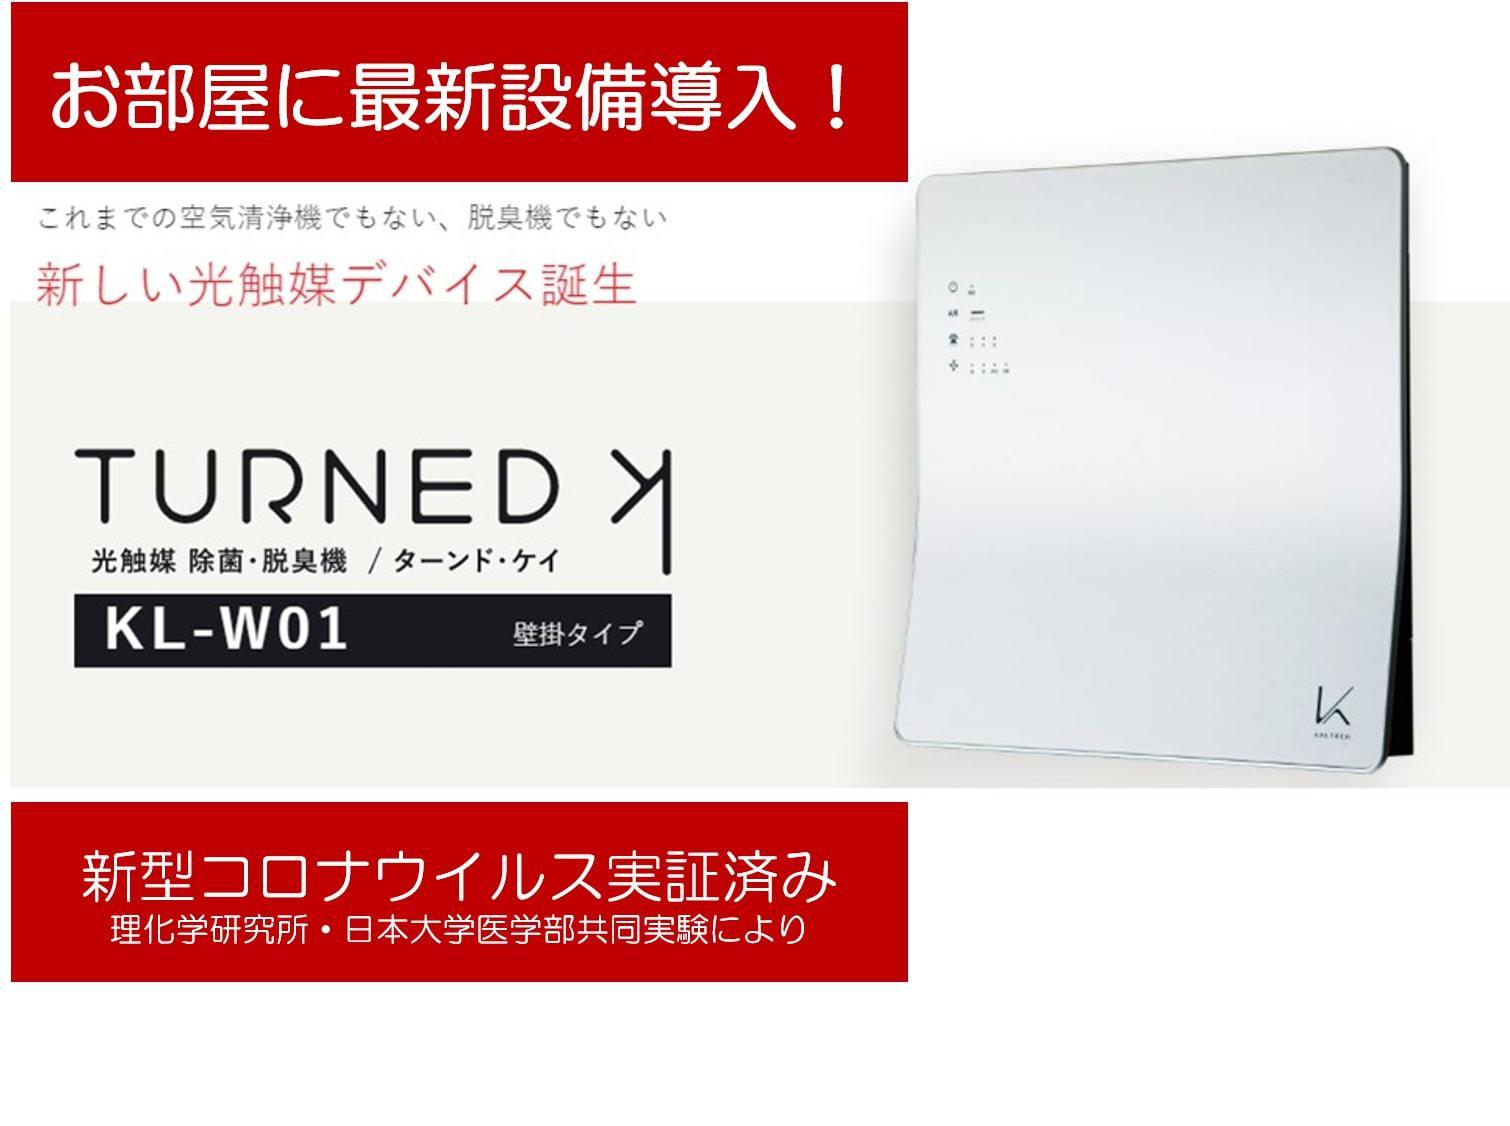 最新光触媒除菌・脱臭機『ターンド・ケイ』で安心・安全・快適プラン